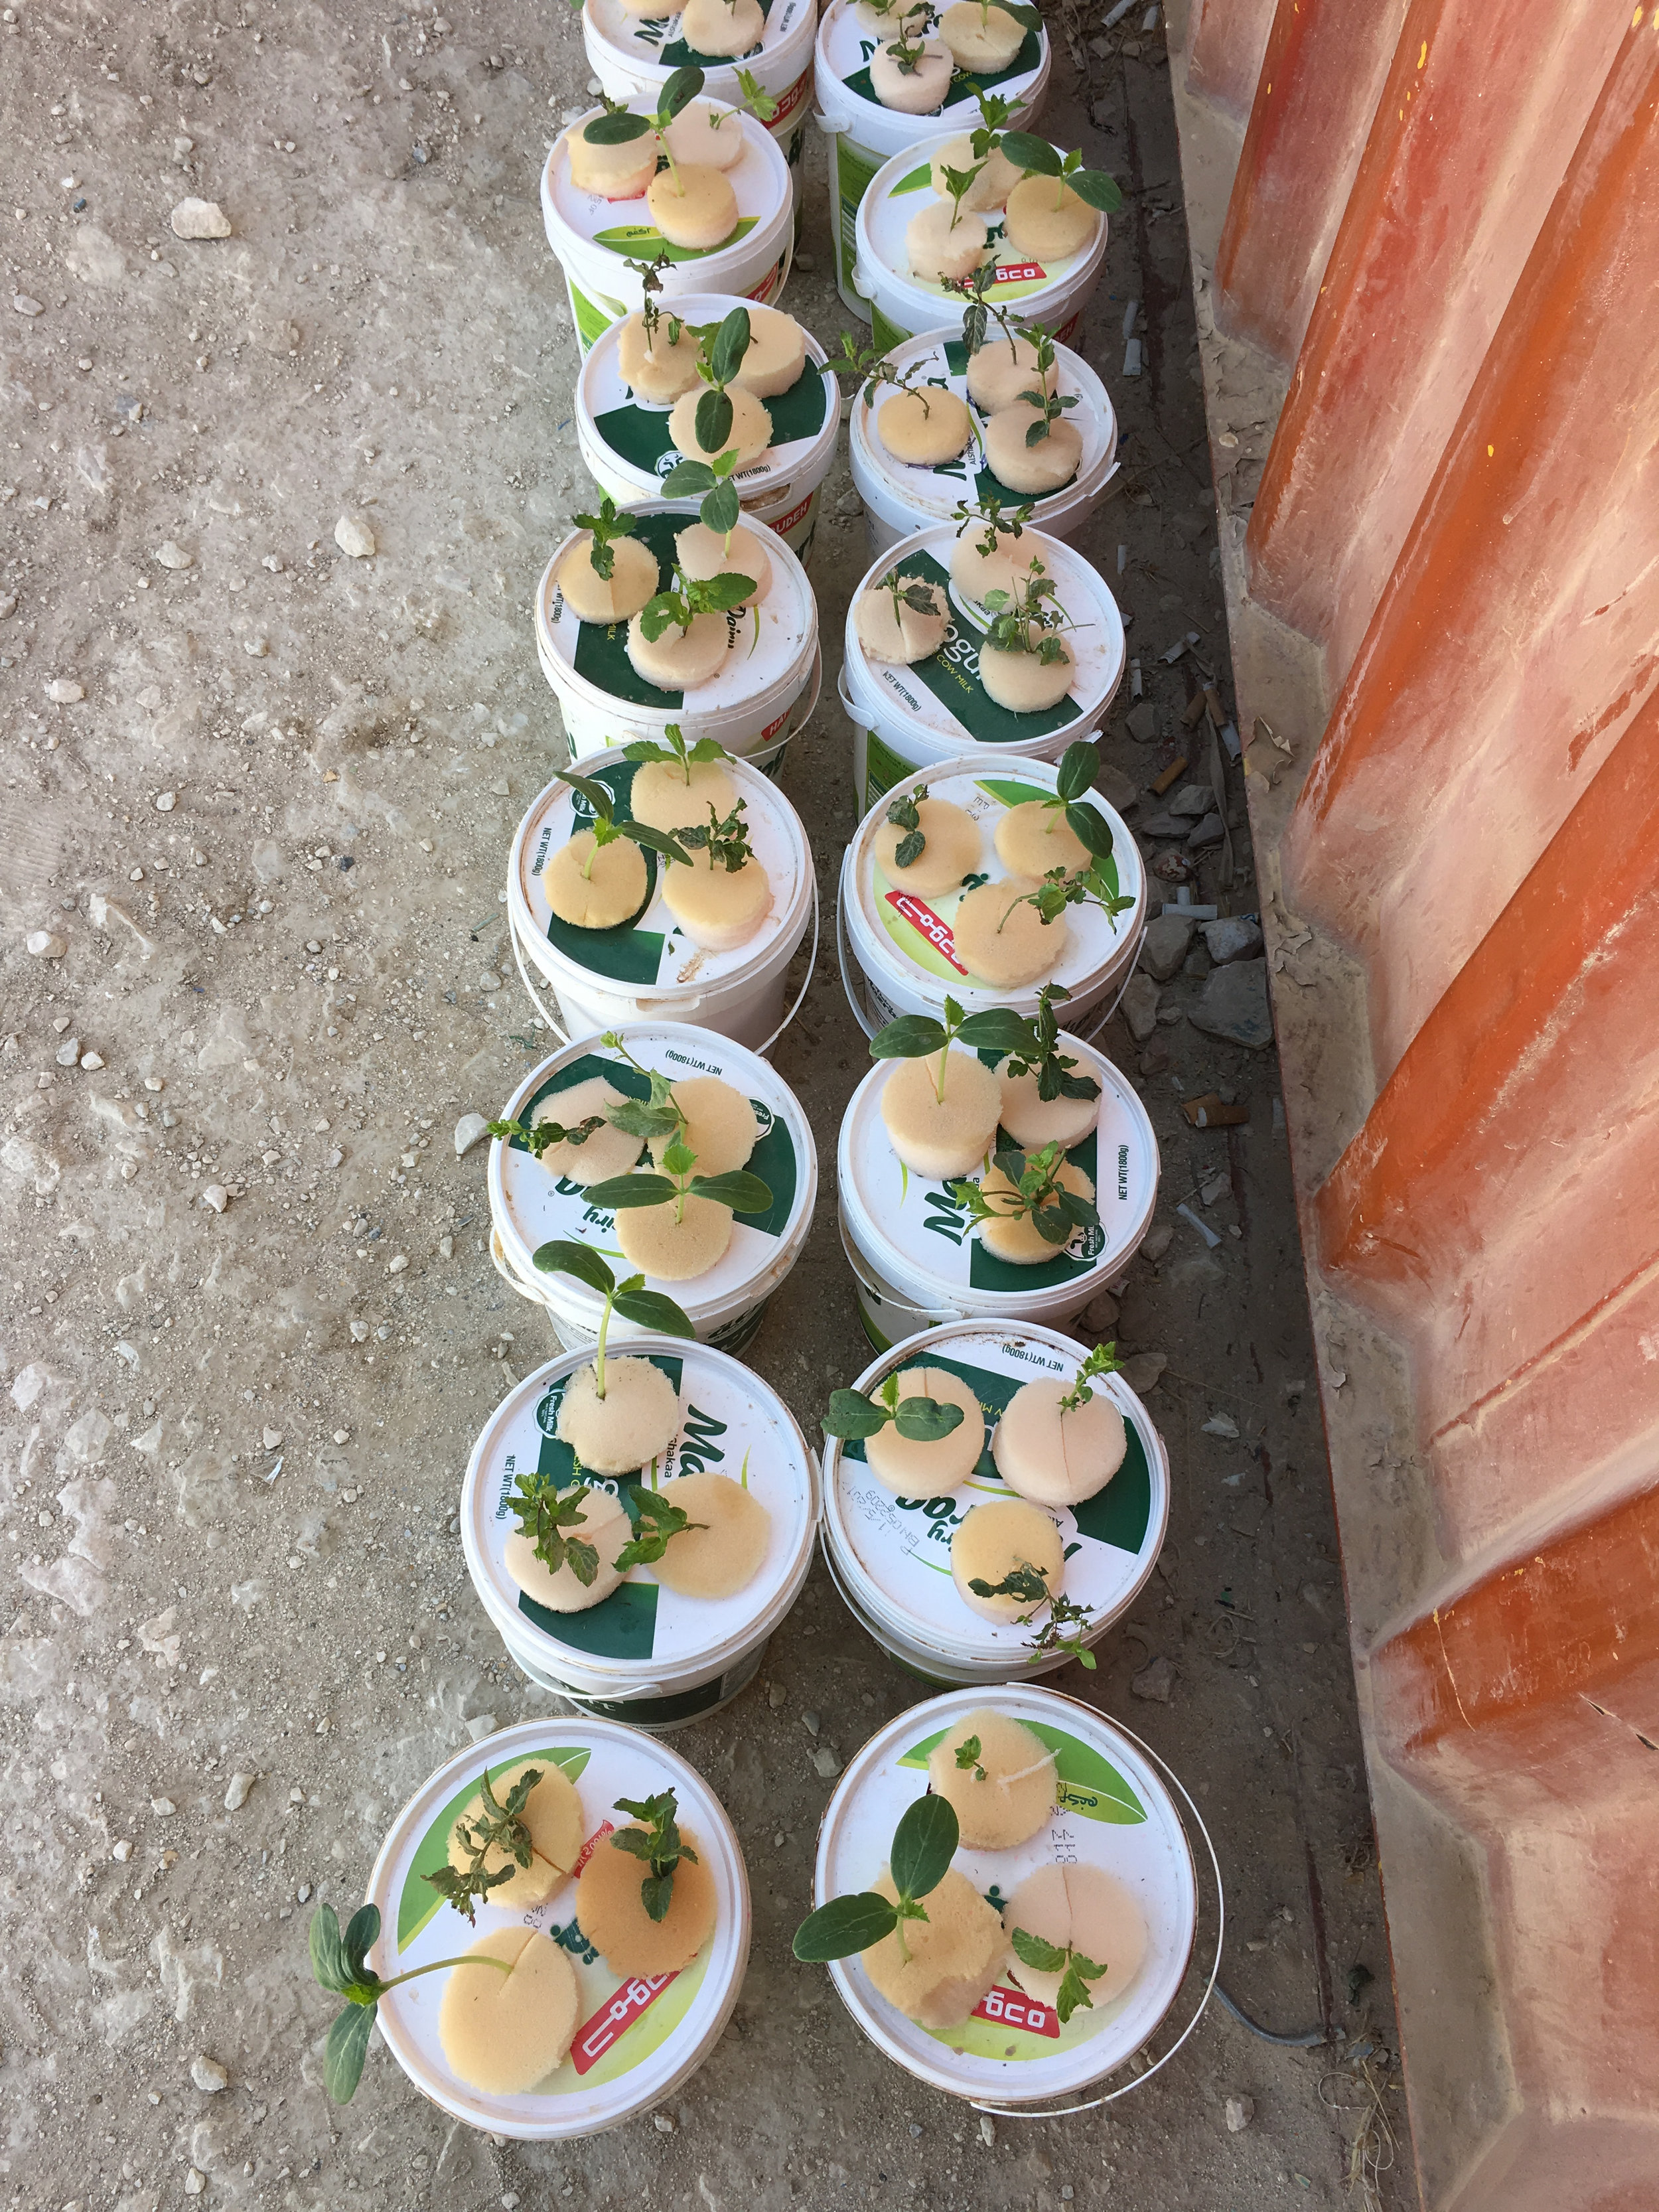 Herbs grown from mattress sponge and yoghurt pots.